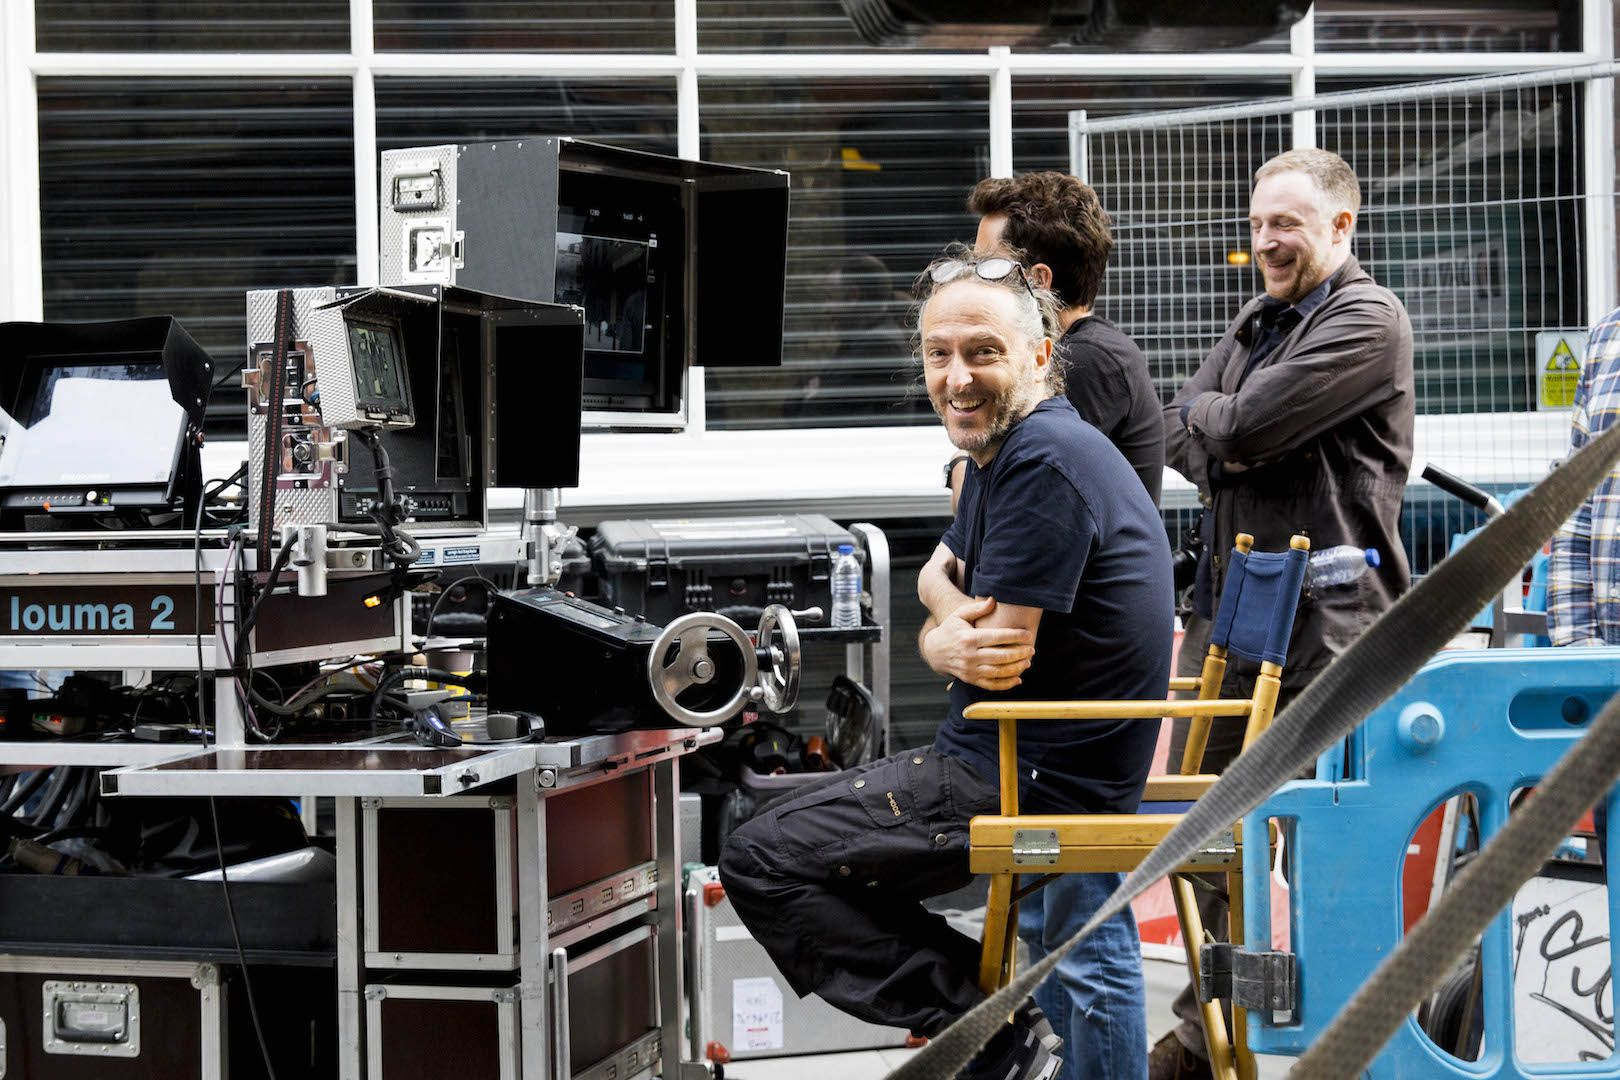 Absolut y Emmanuel Lubezki celebran el poder de la creatividad